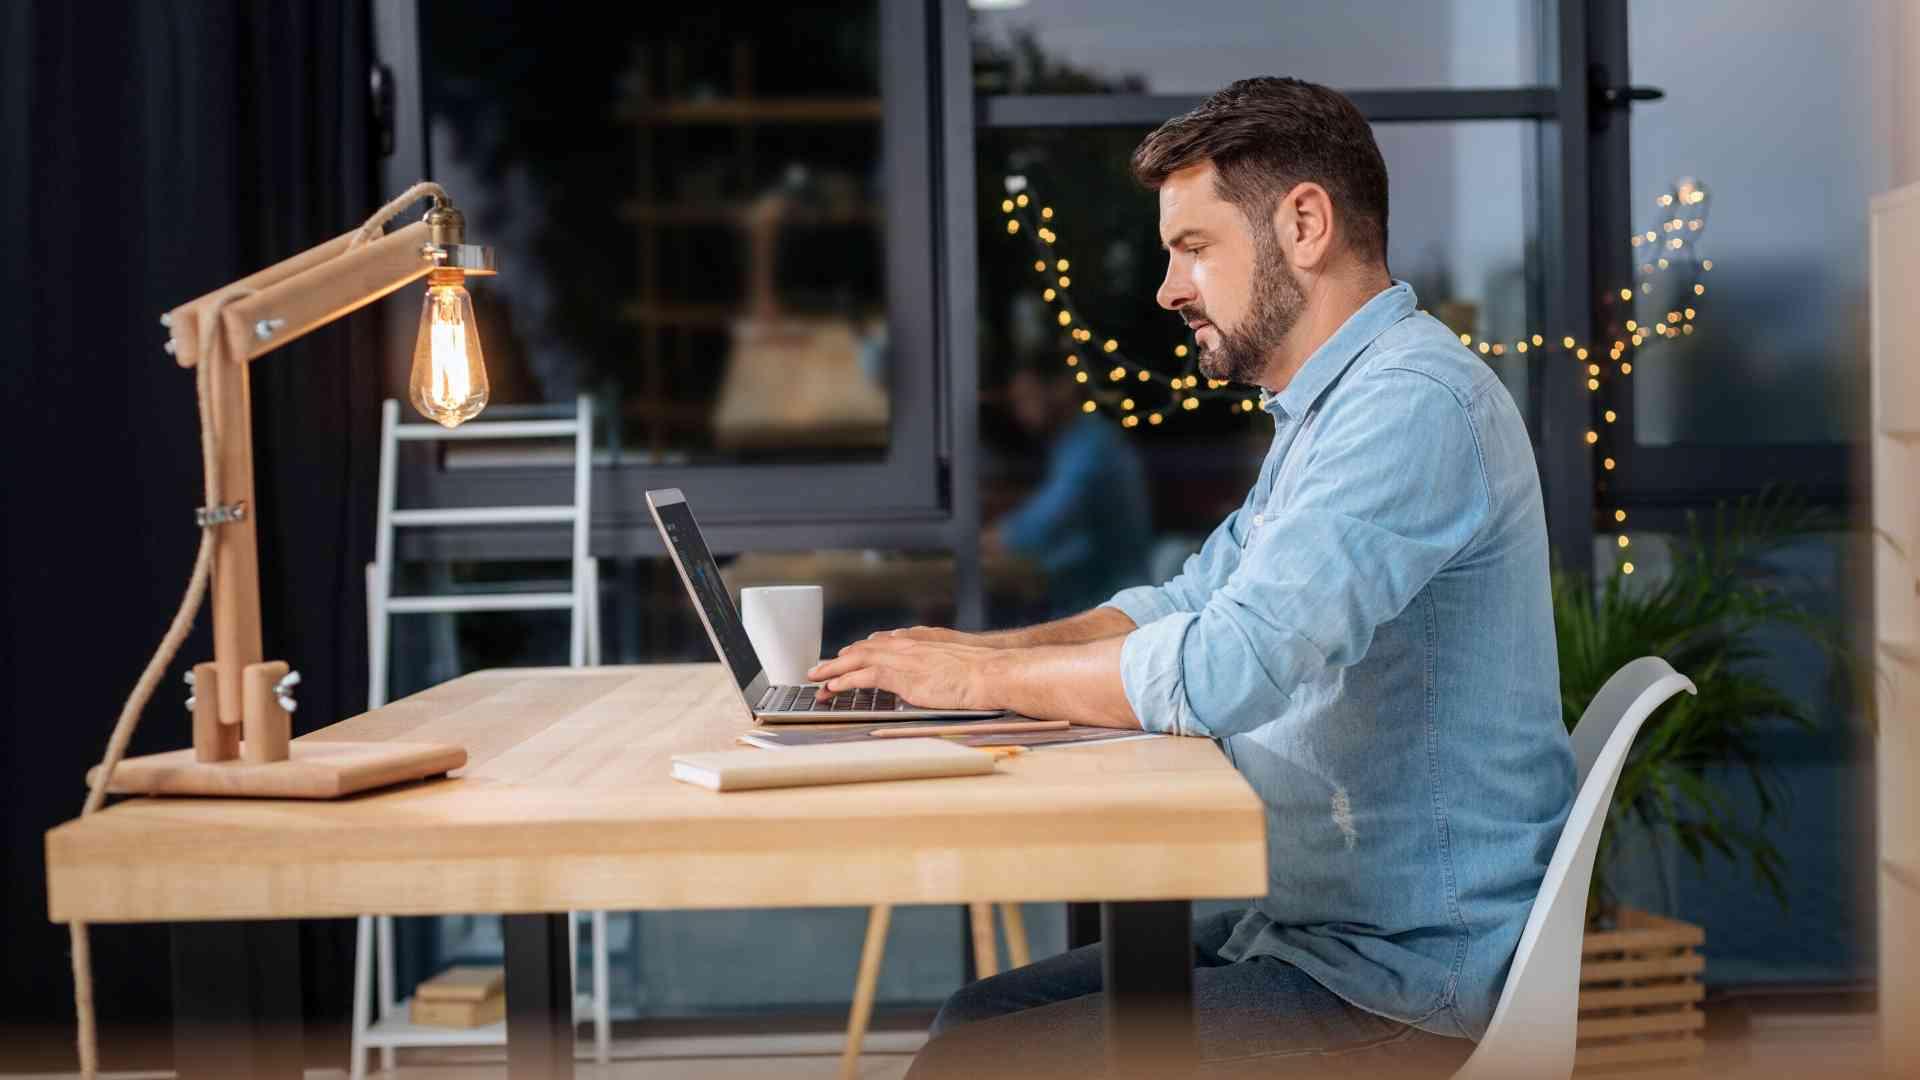 Postazioni Per Lo Smart Working: Le Soluzioni per lavorare da casa in Poche Ore